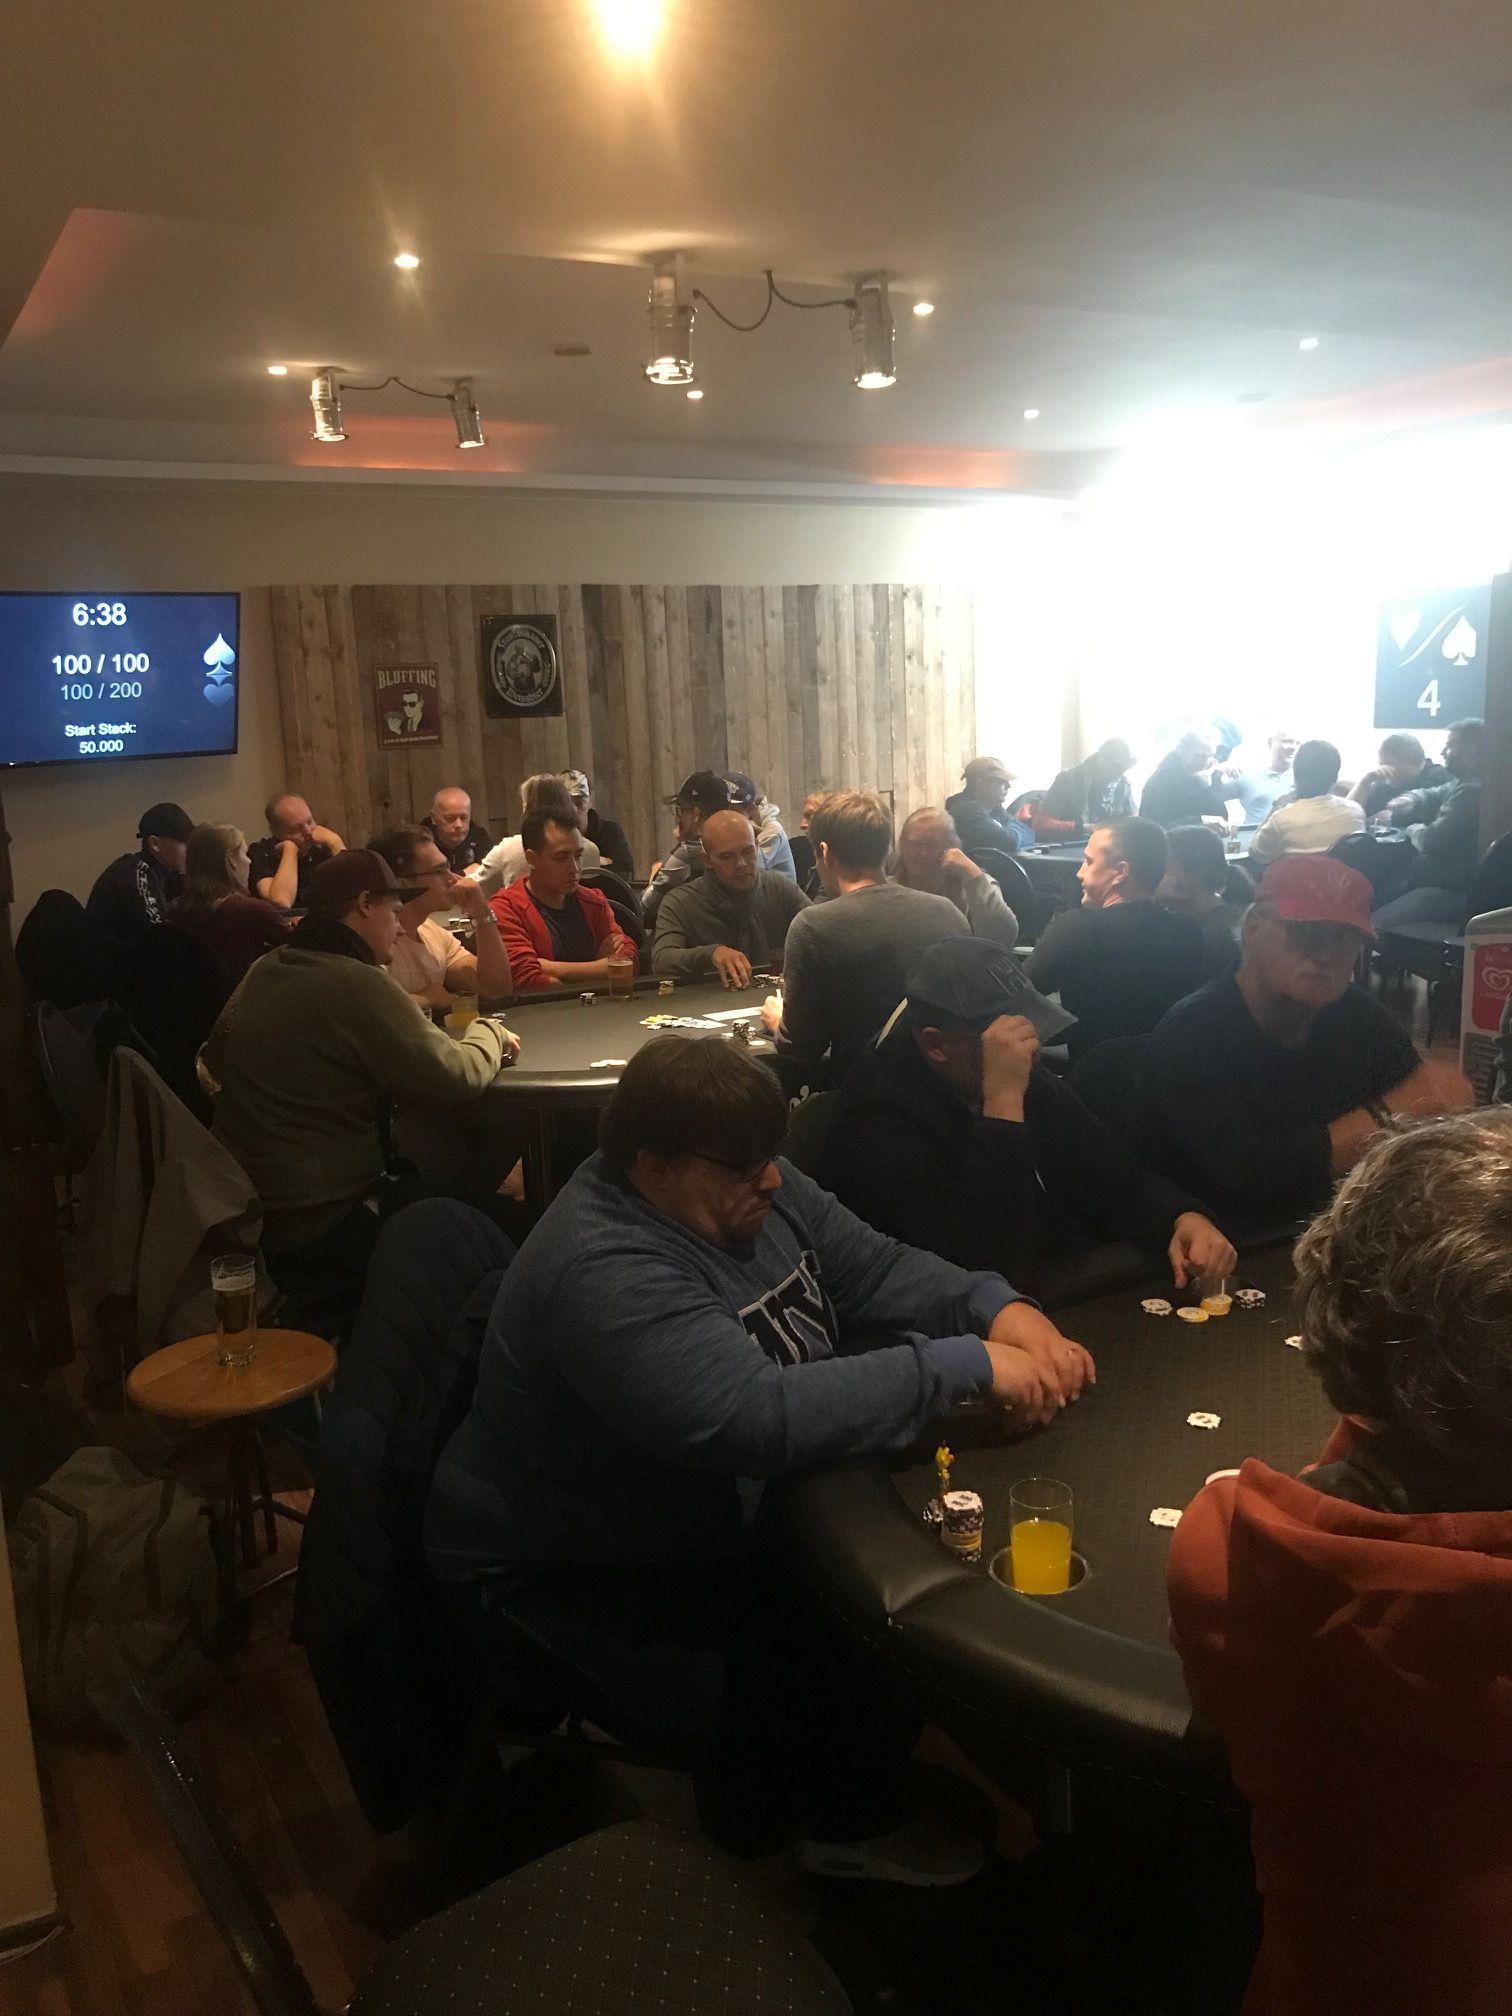 Free signup bonus no deposit mobile casino 2018